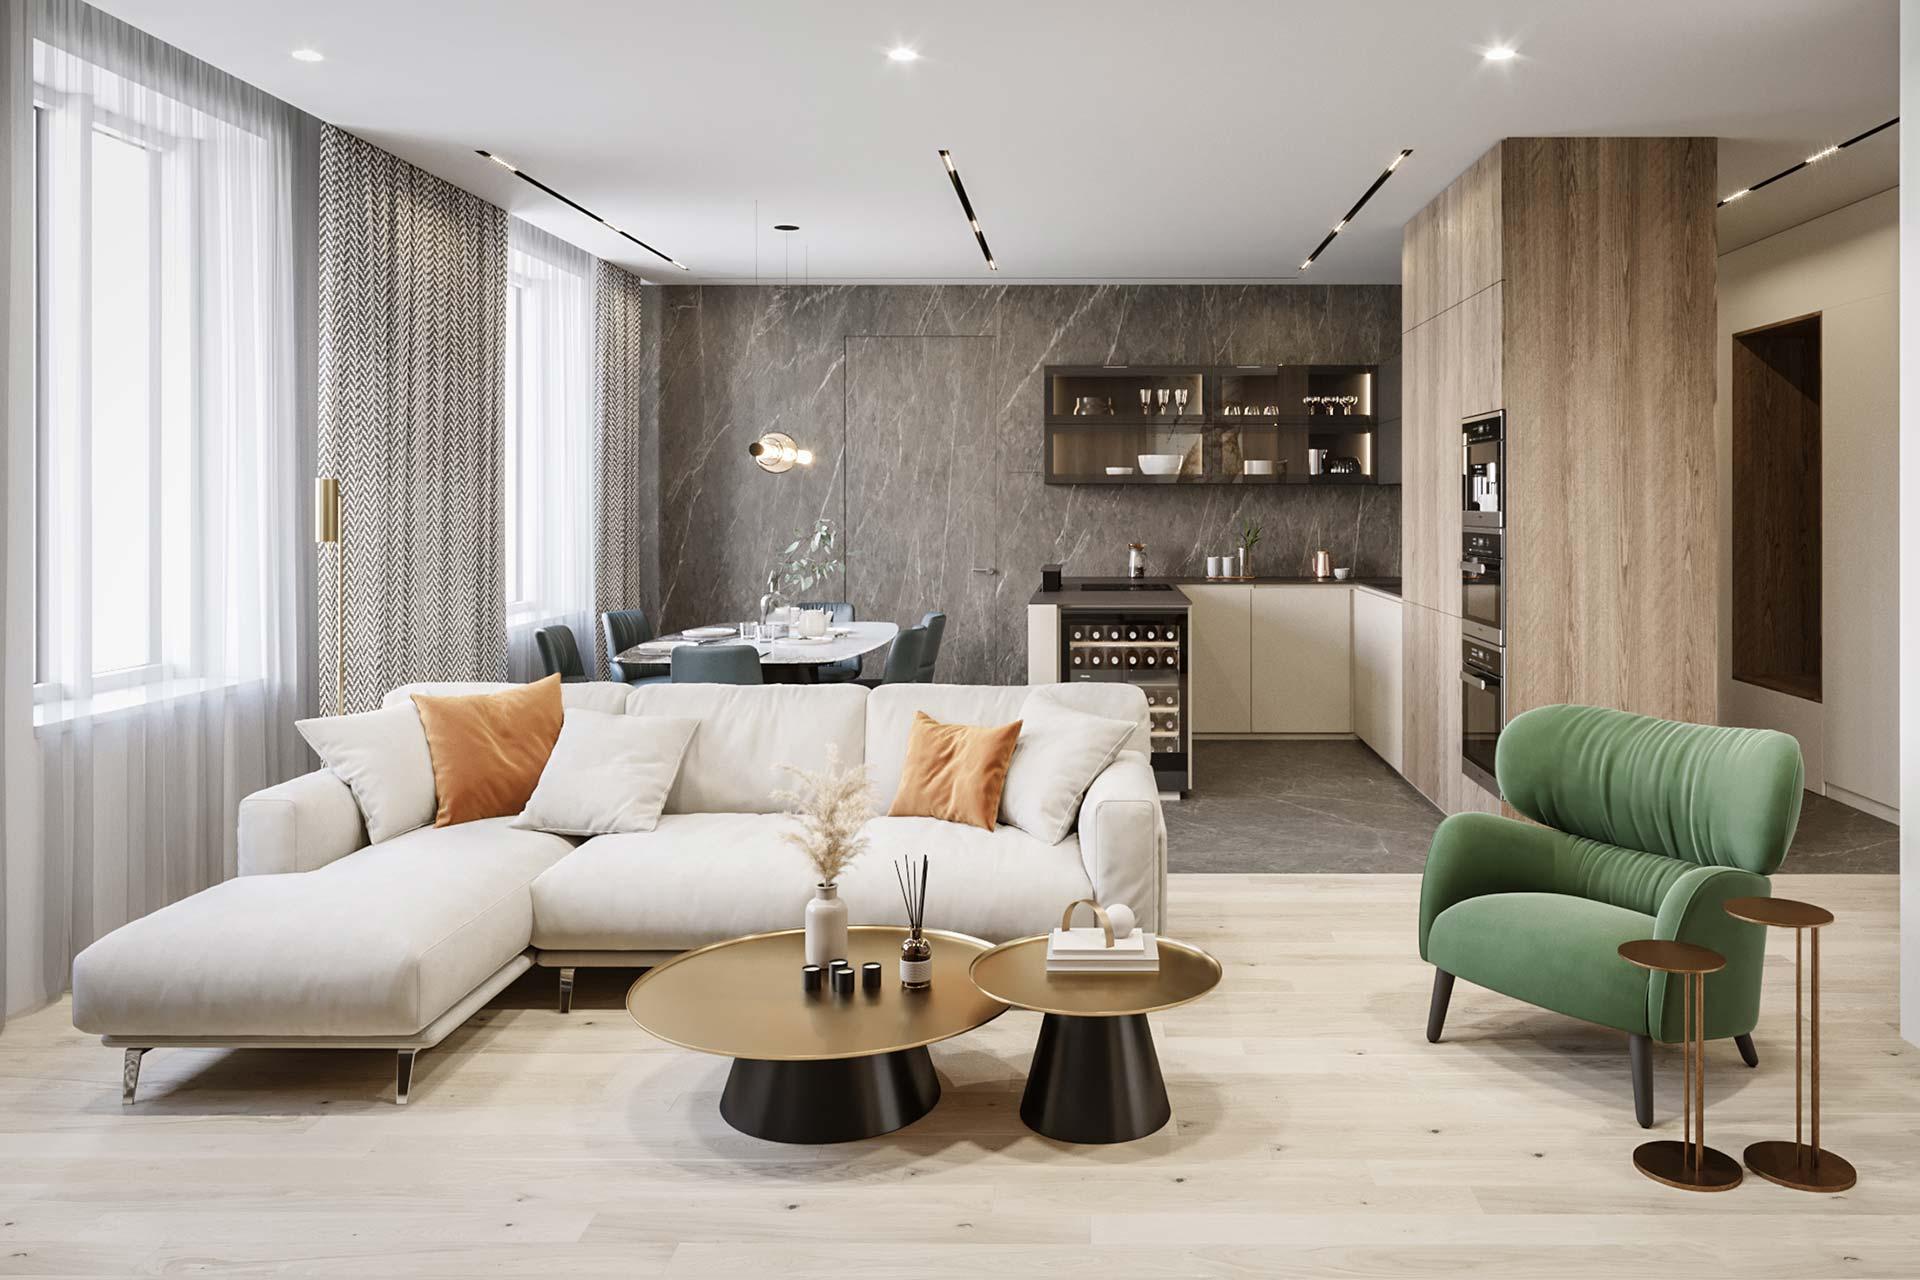 Дизайн 4-комнатной квартиры в ЖК Династия | Современный стиль